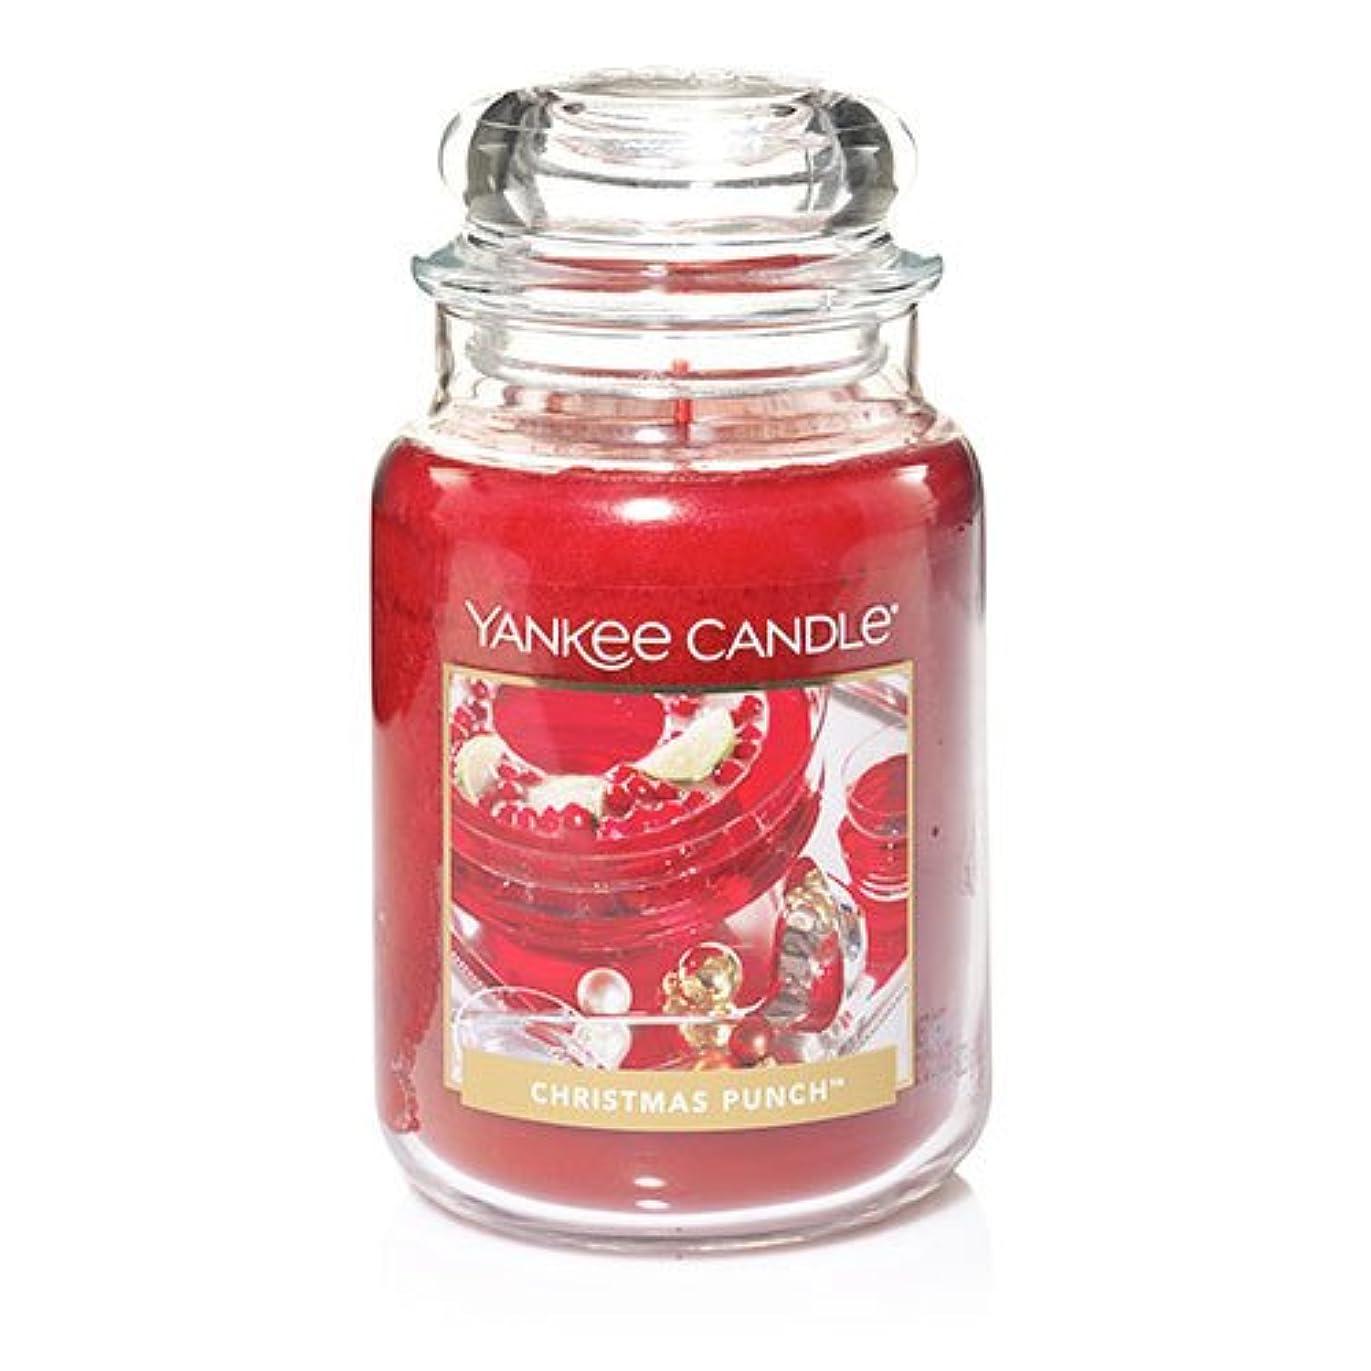 ベストメイトバランスのとれたYankee CandleクリスマスパンチLarge Jar Candle